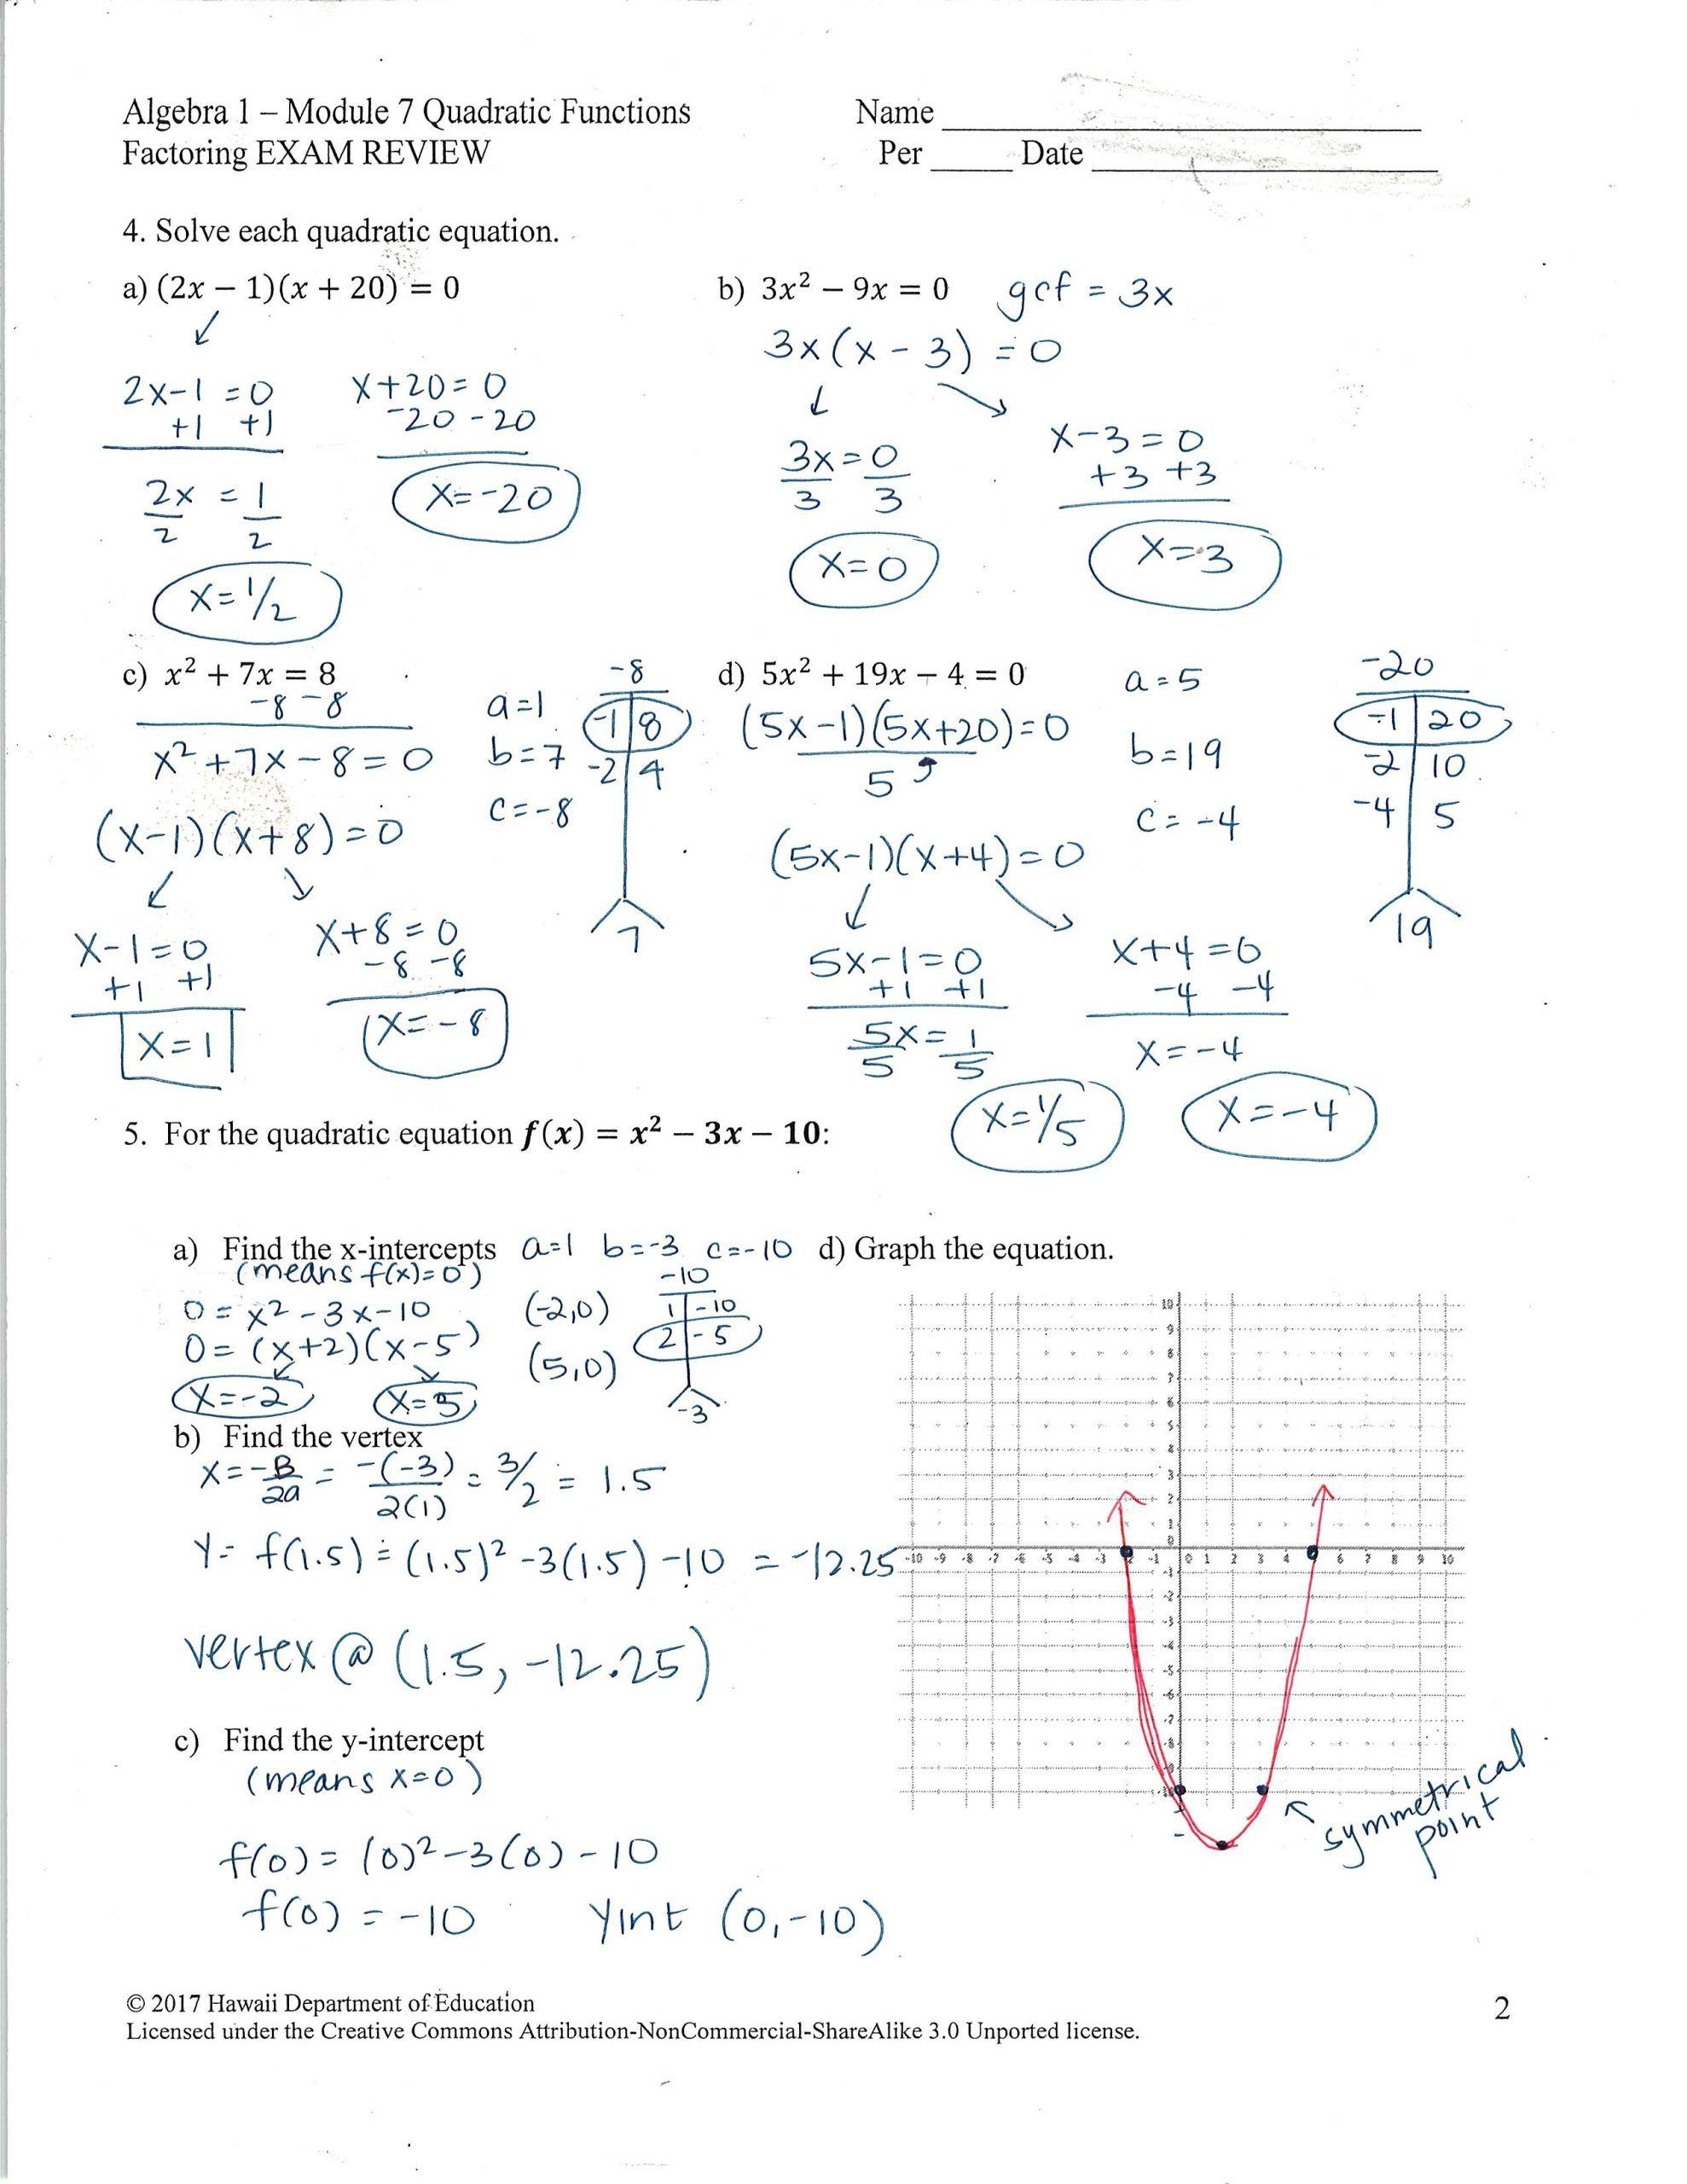 4 Solving Quadratic Equations By Factoring Worksheet In 2020 Solving Quadratic Equations Quadratics Graphing Quadratics